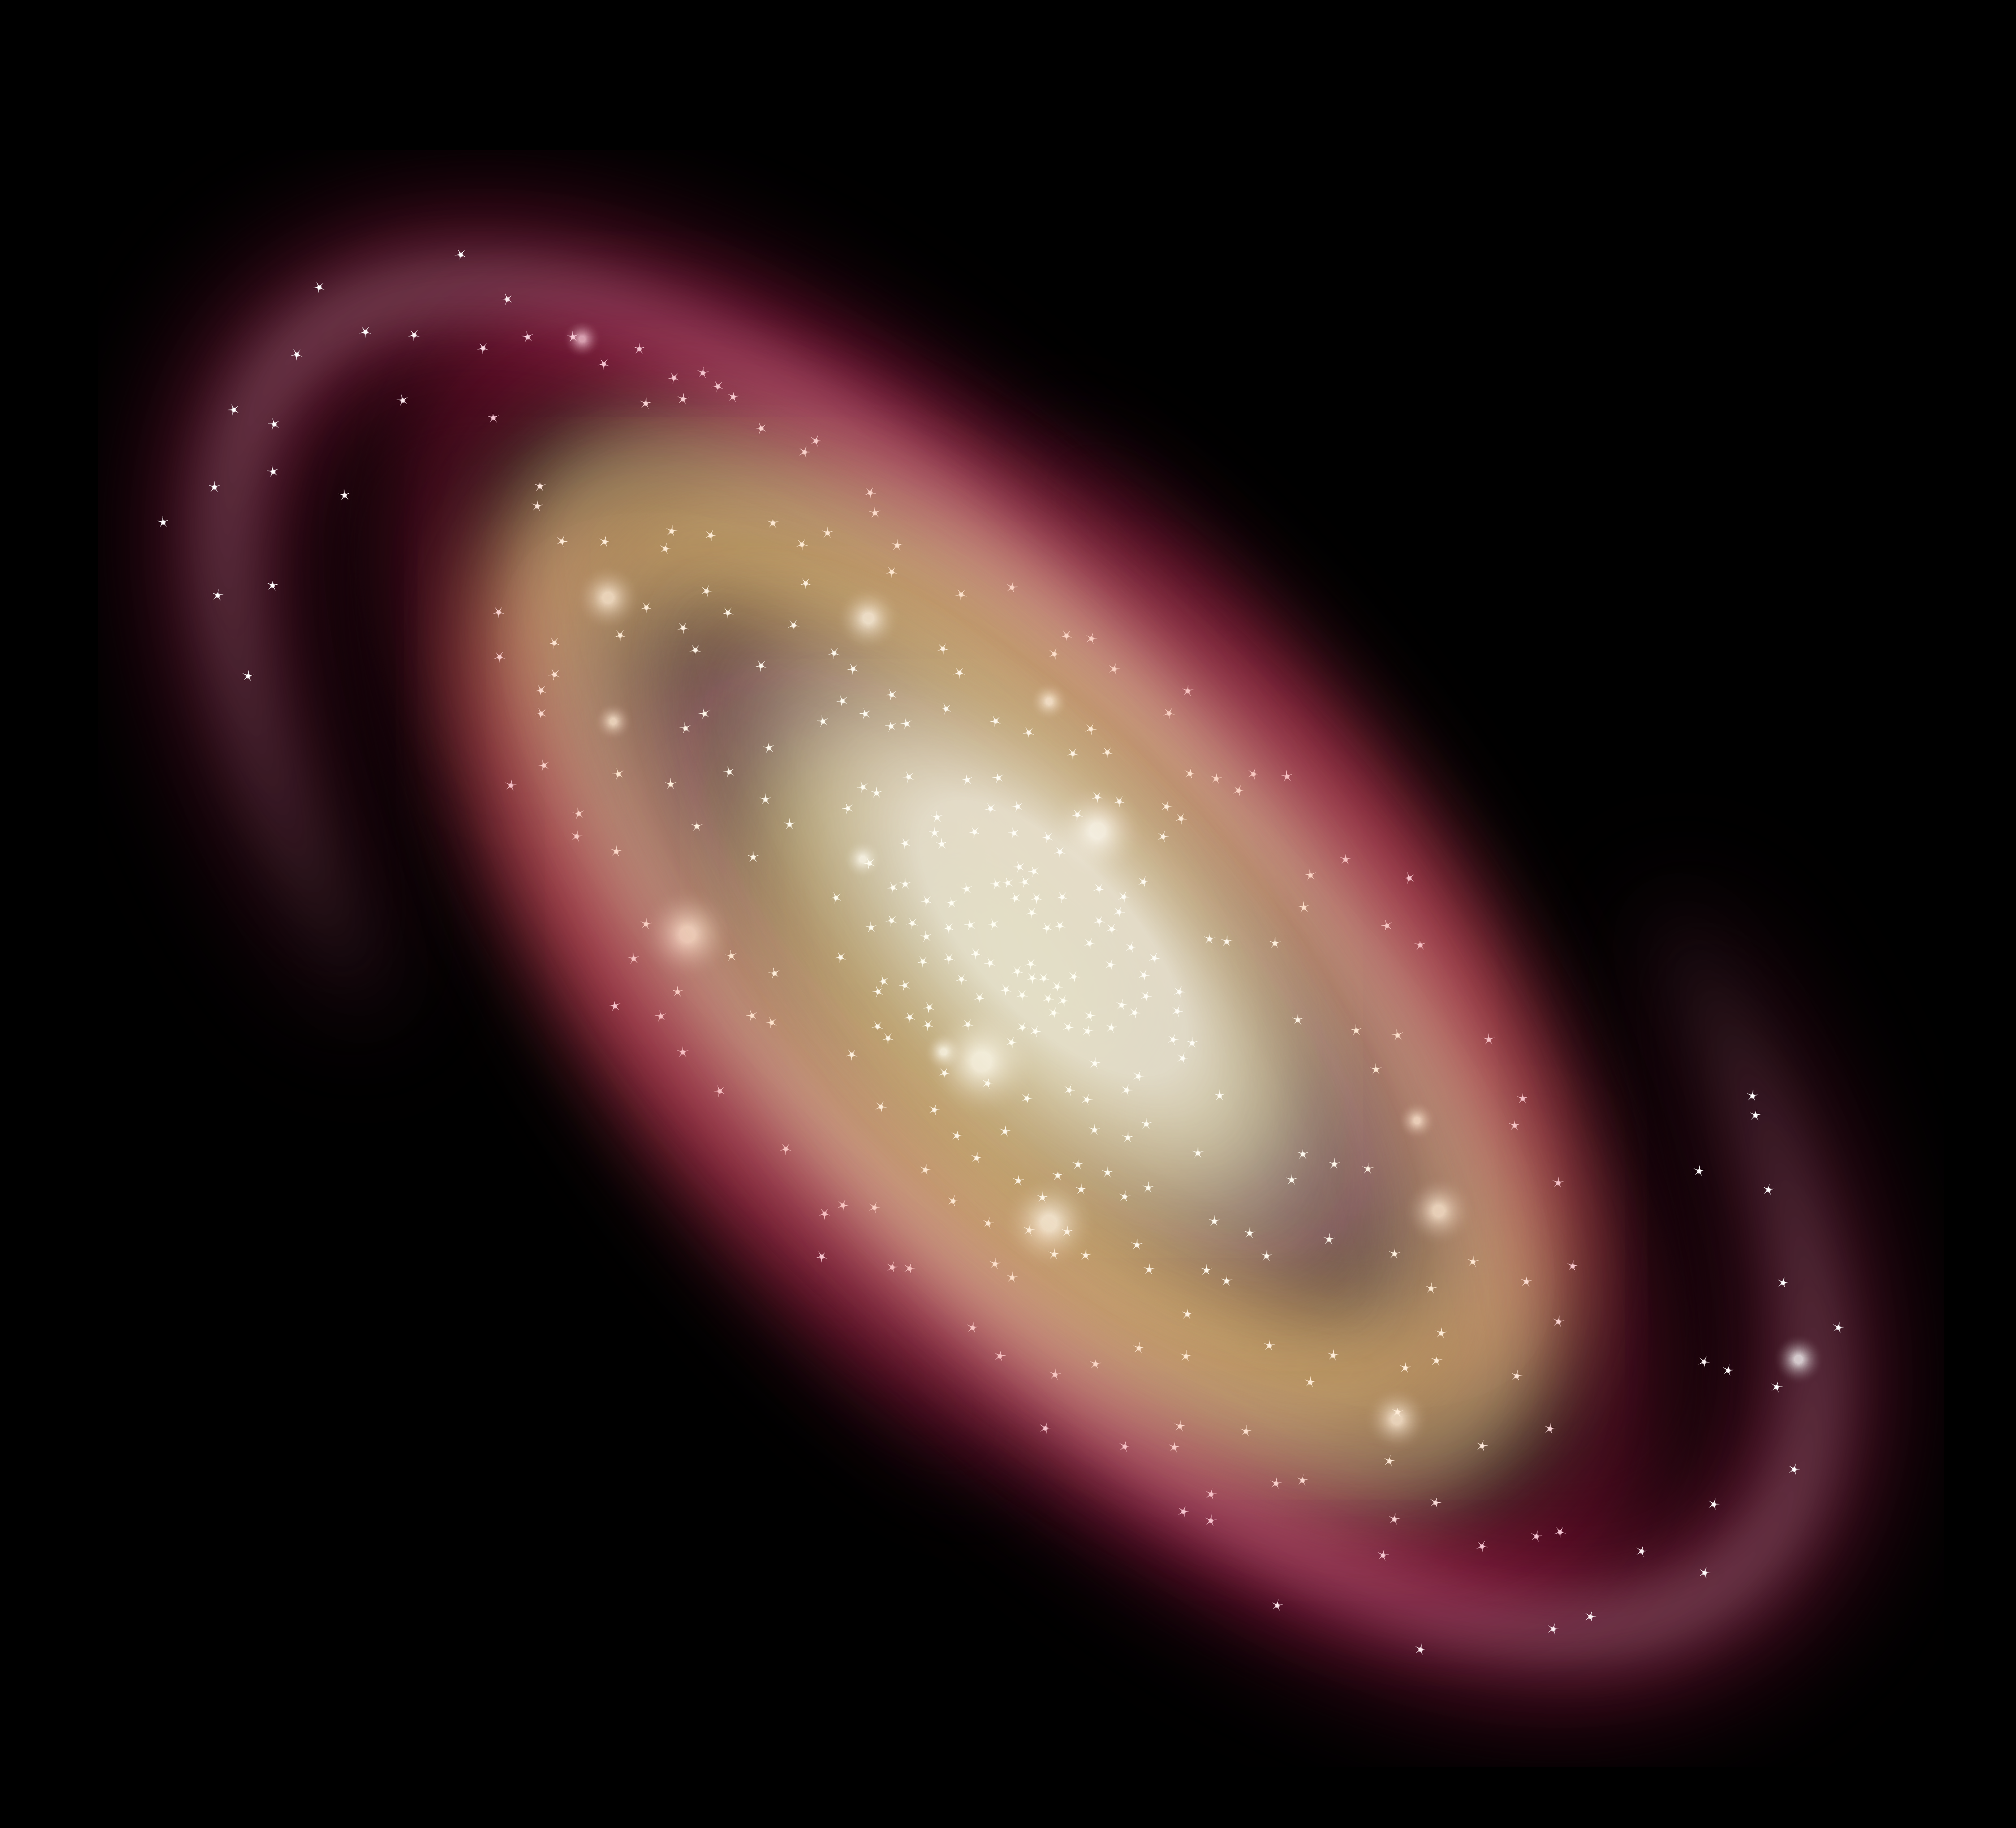 Galaxy02 by Yanoda